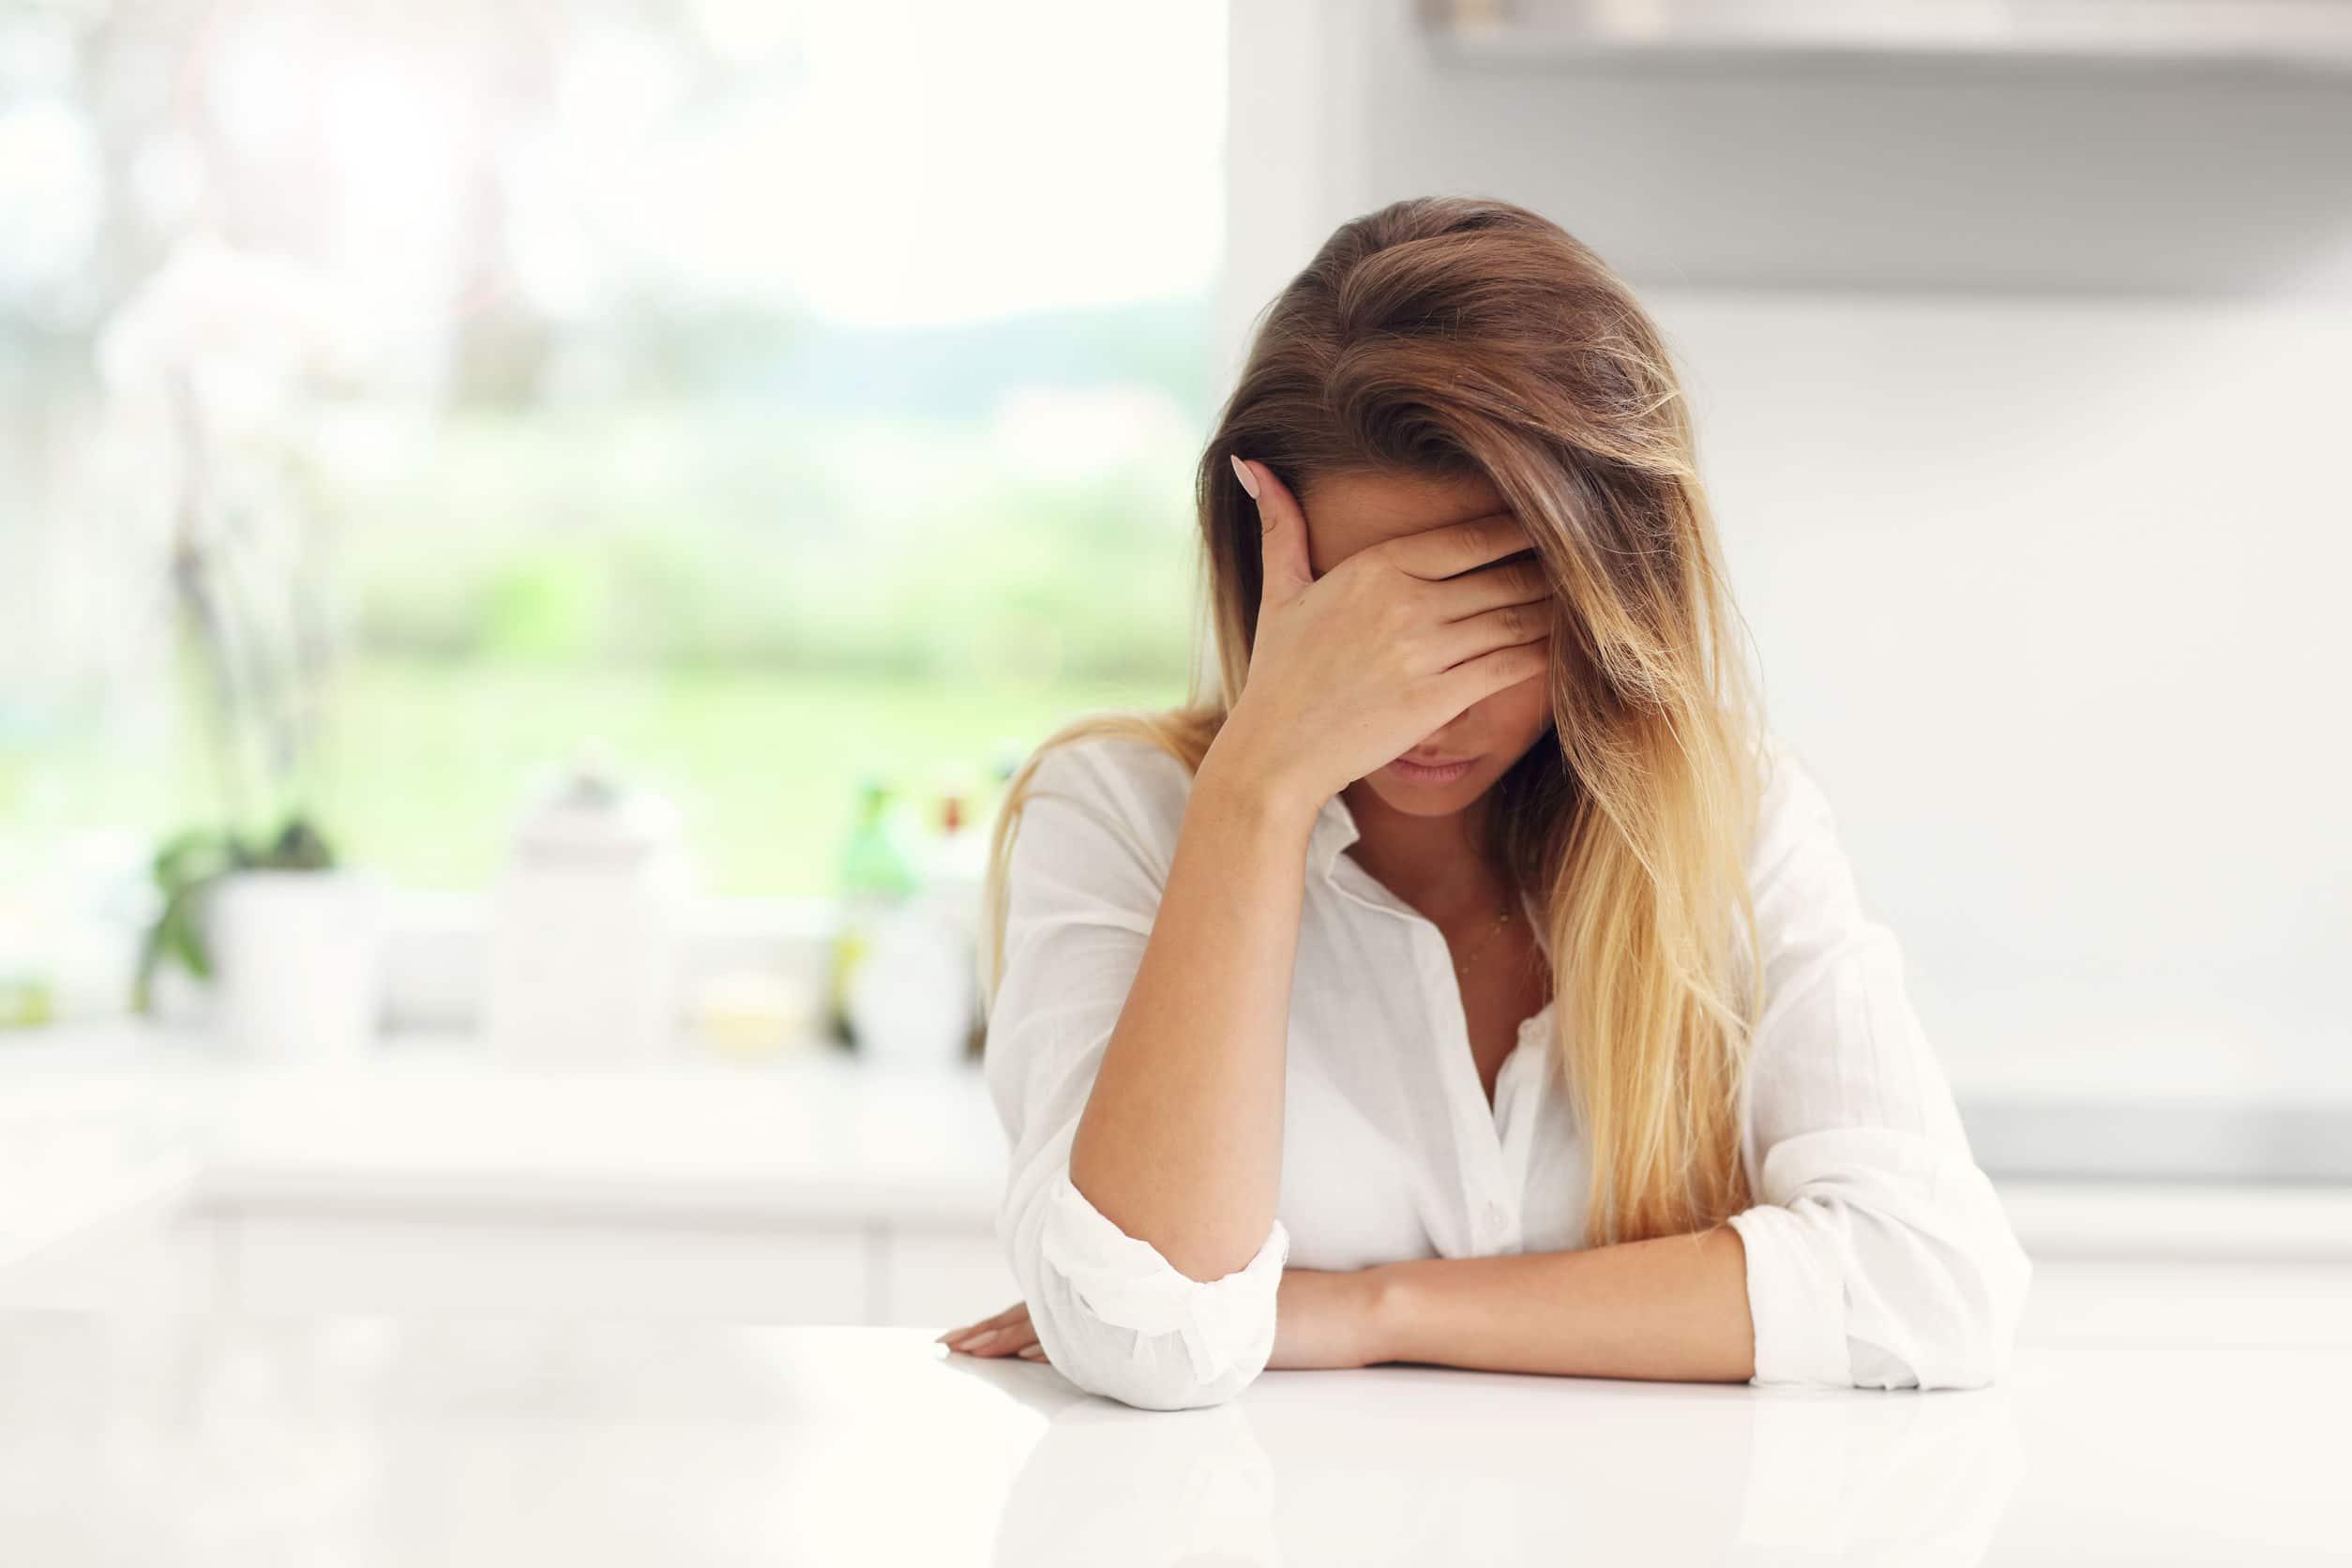 Fotografia de uma mulher triste ou pensativa na cozinha.